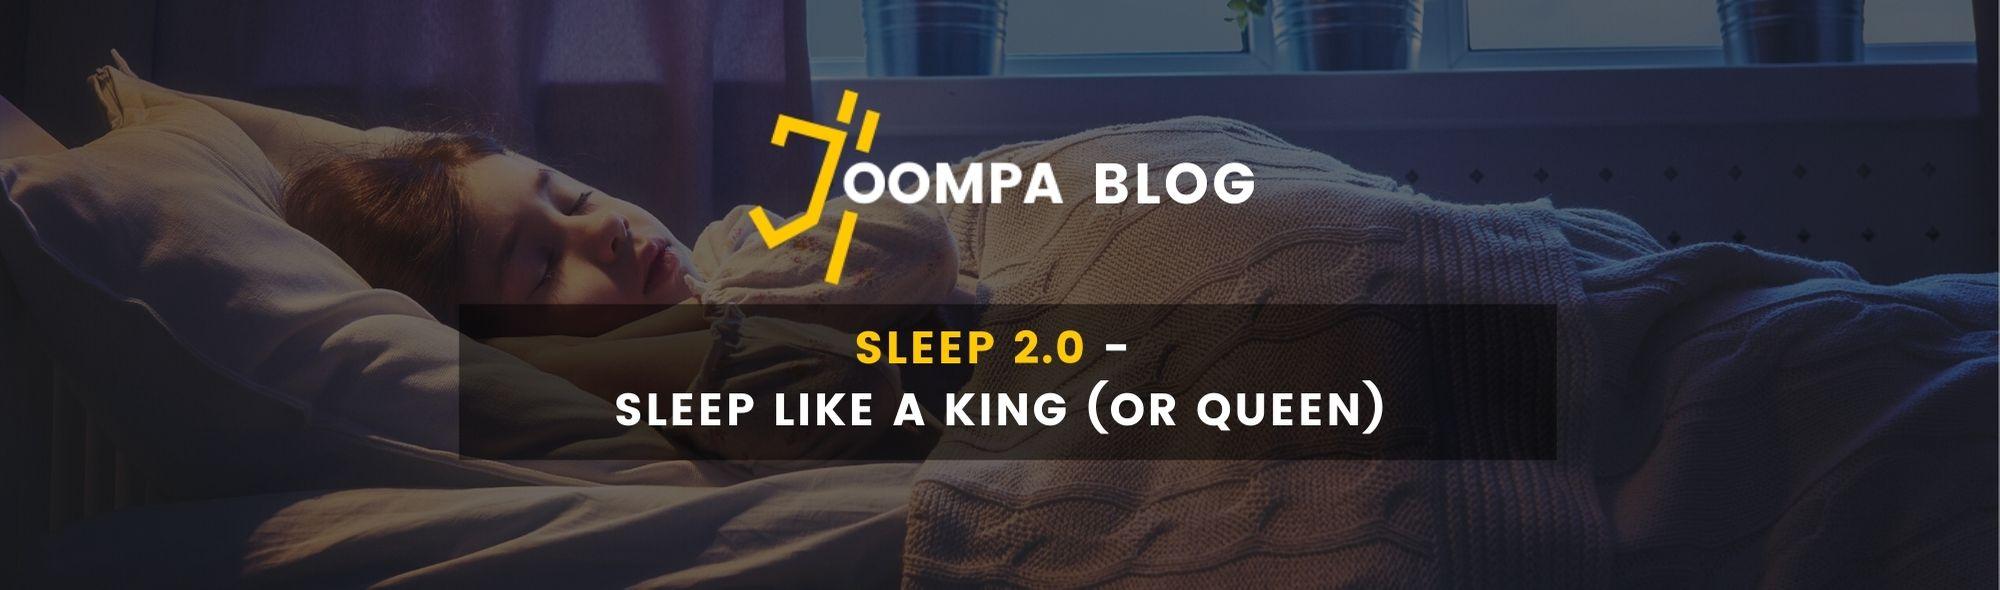 Sleep 2.0 - Sleep like a King (or Queen)